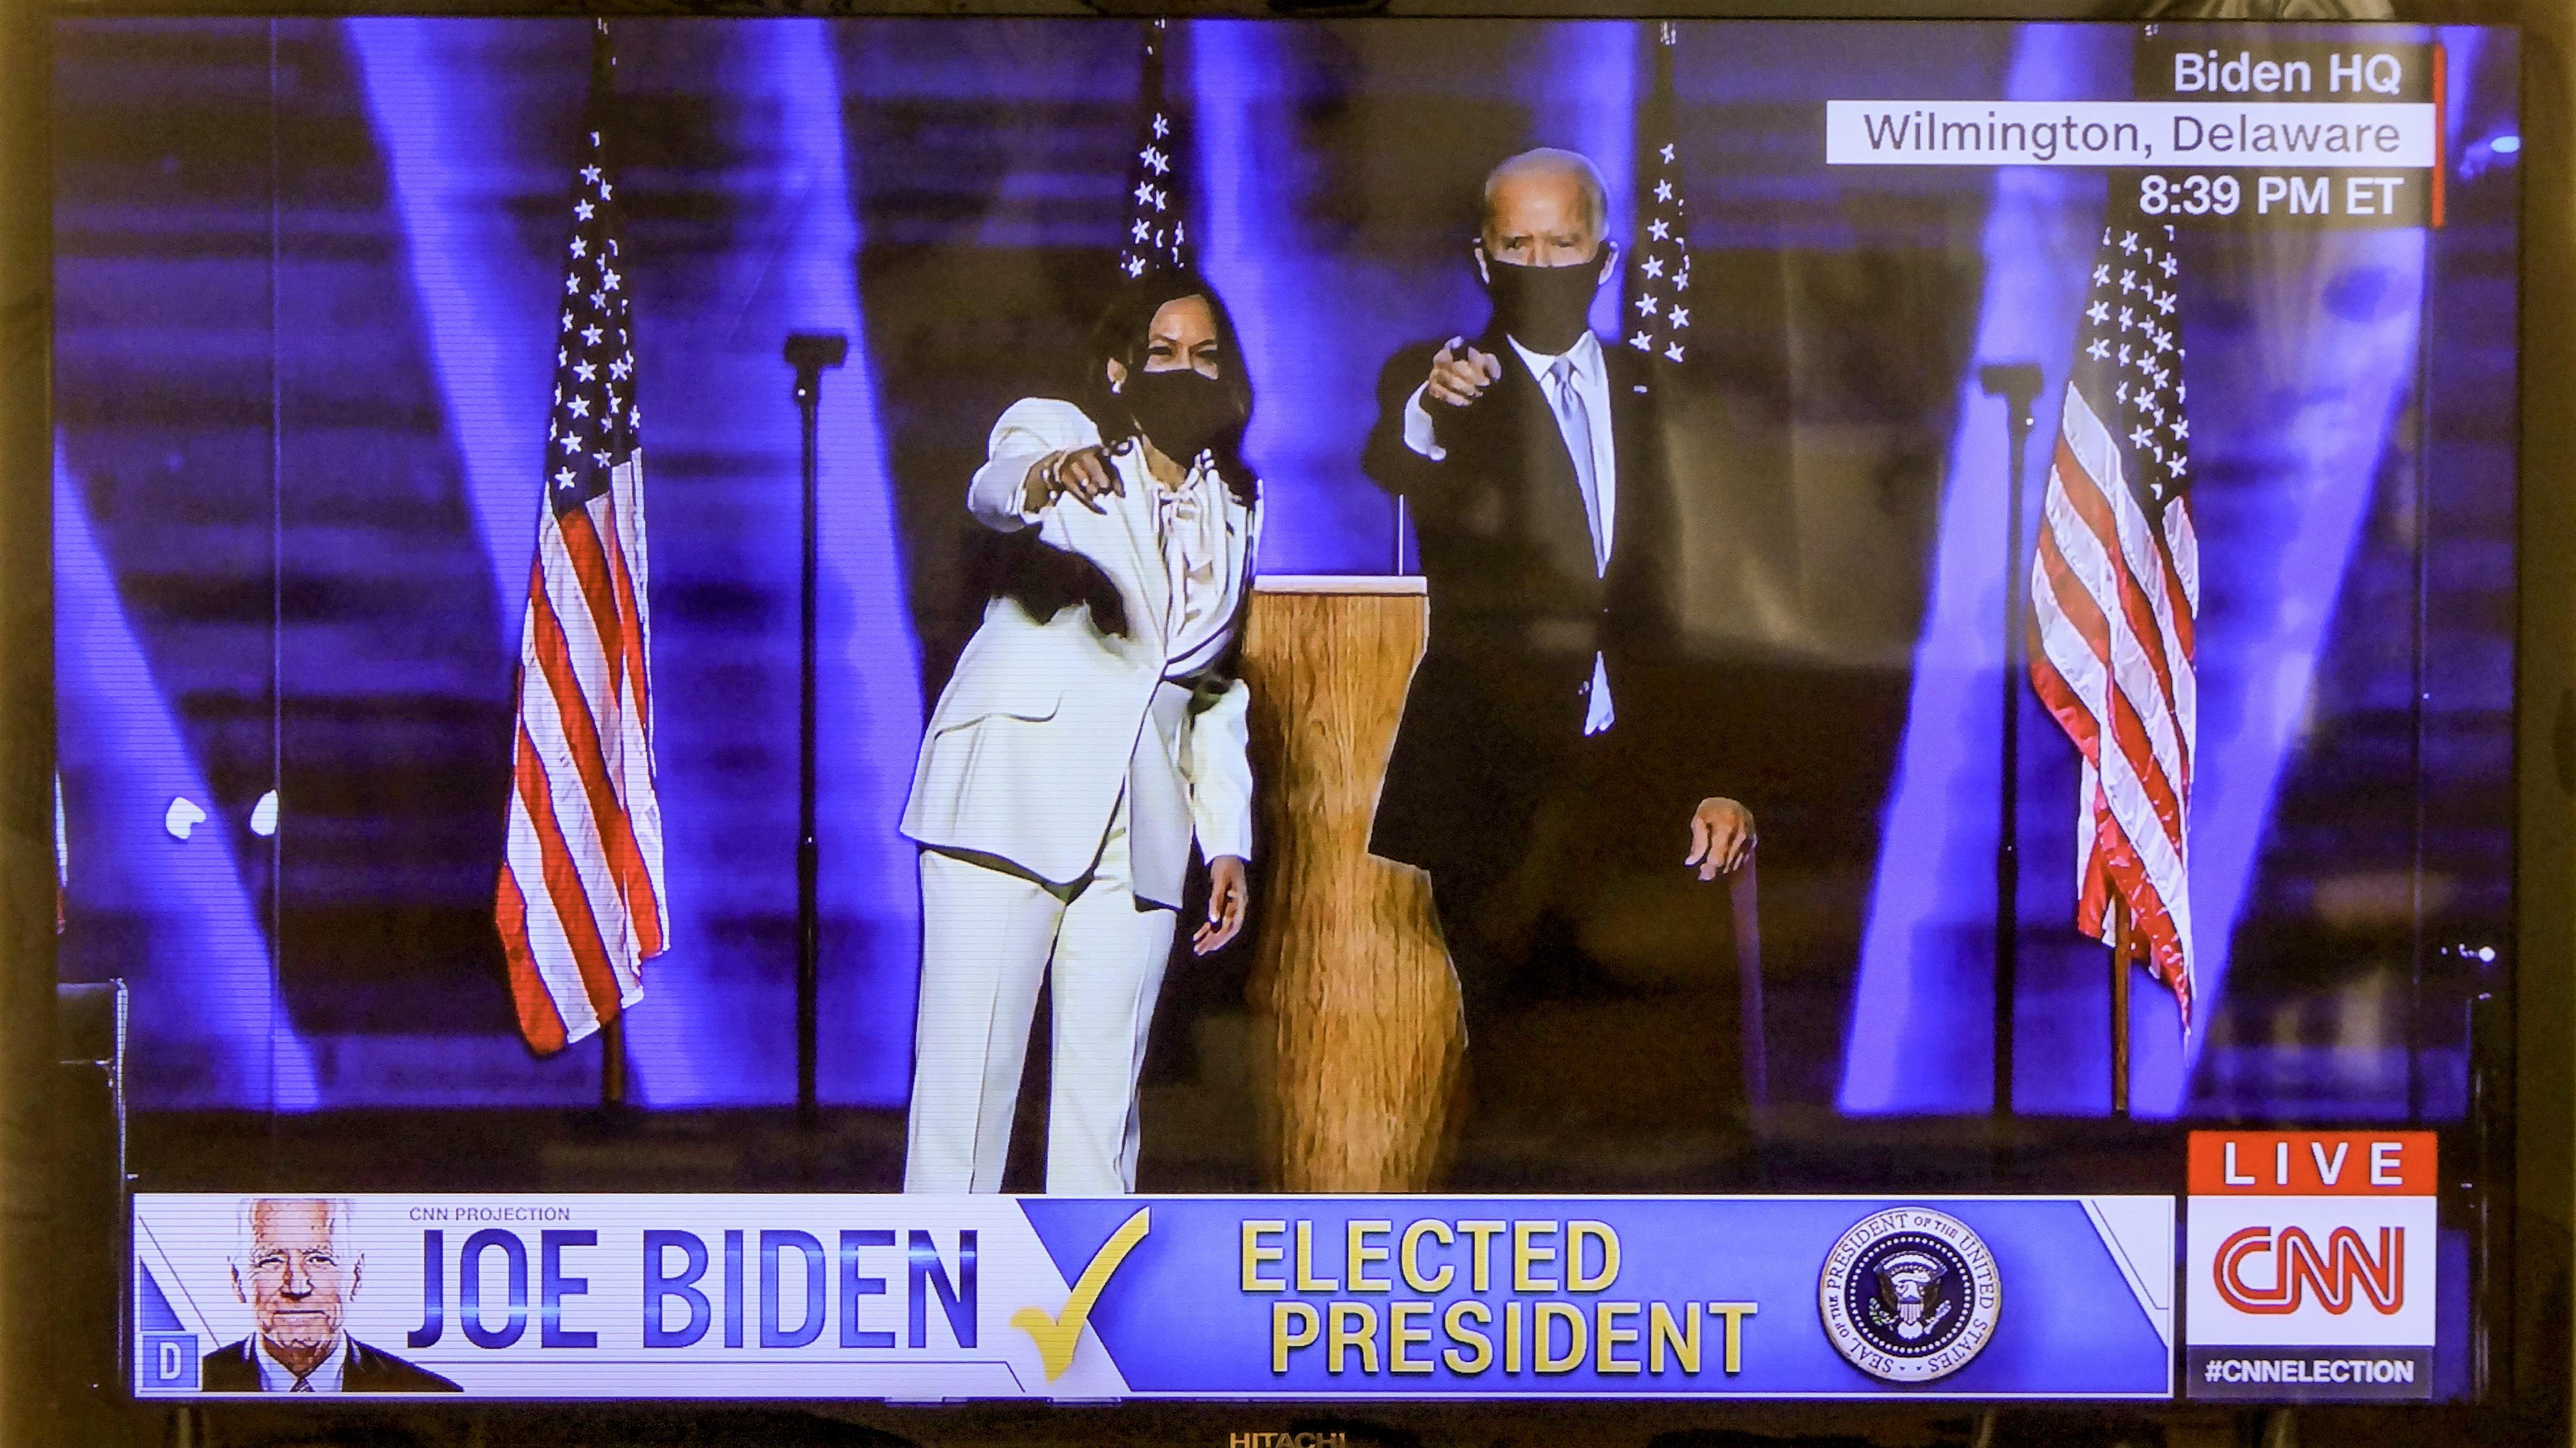 ハリス氏「初の女性副大統領になるかもしれないが、最後ではない」とスピーチしバイデン氏を紹介(CNN生中継より)